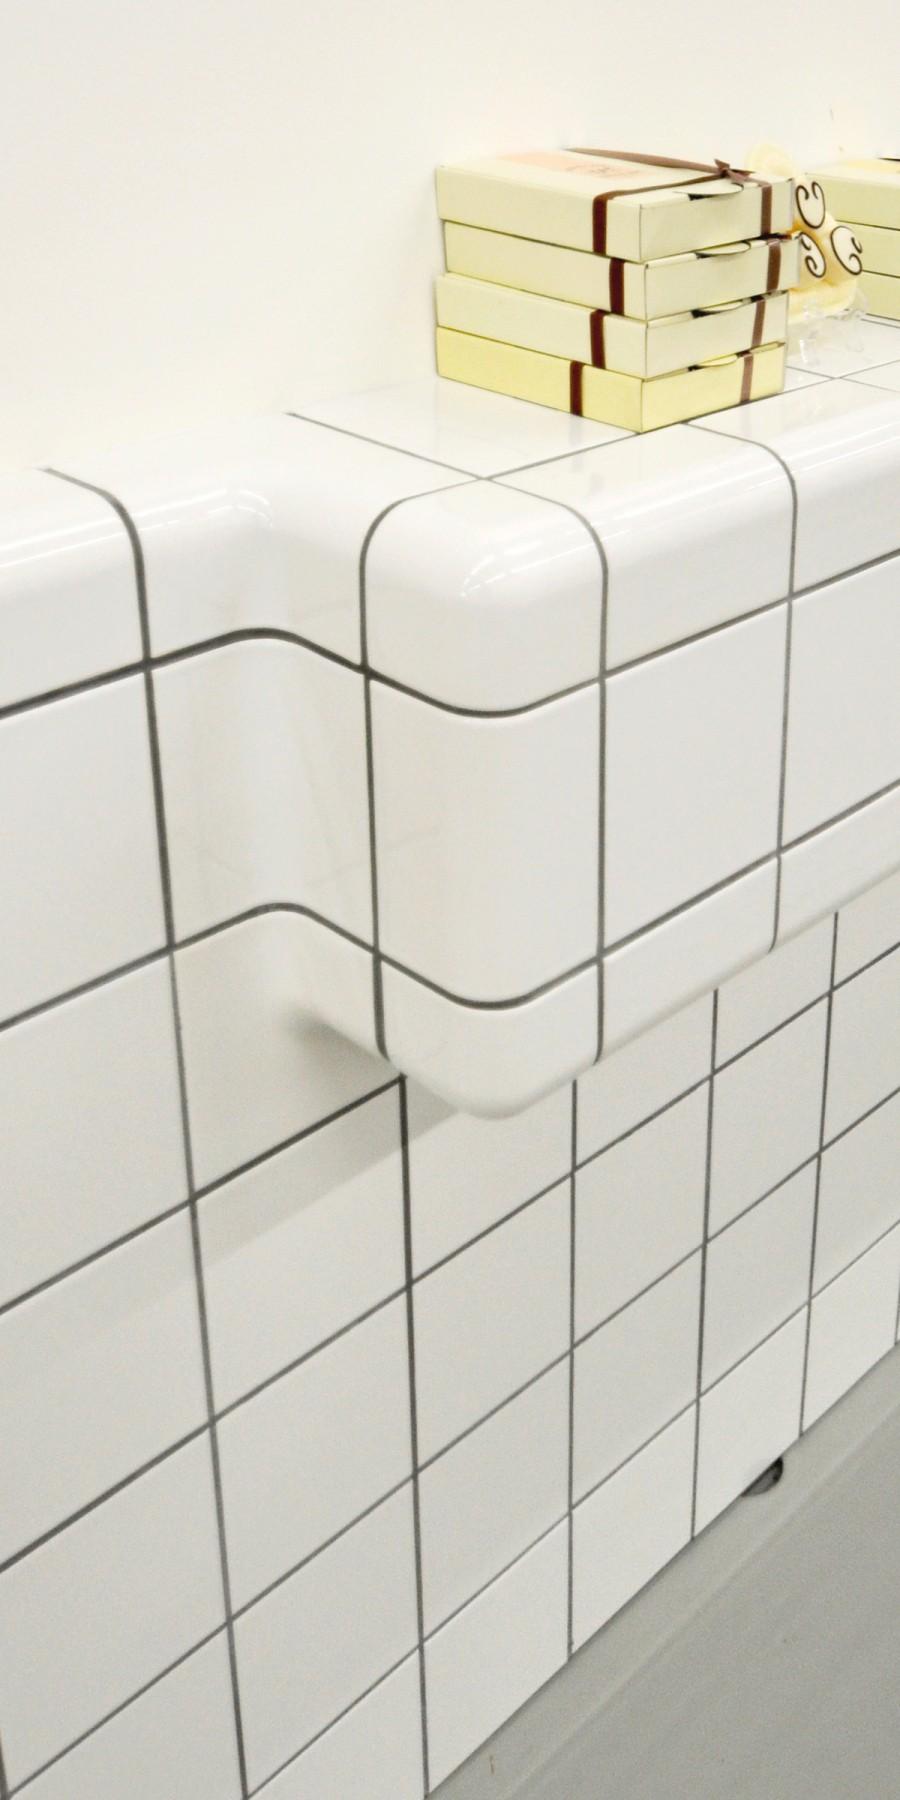 betegelde rand met afgeronde tegels, driedimensionale tegel met hoekprofiel